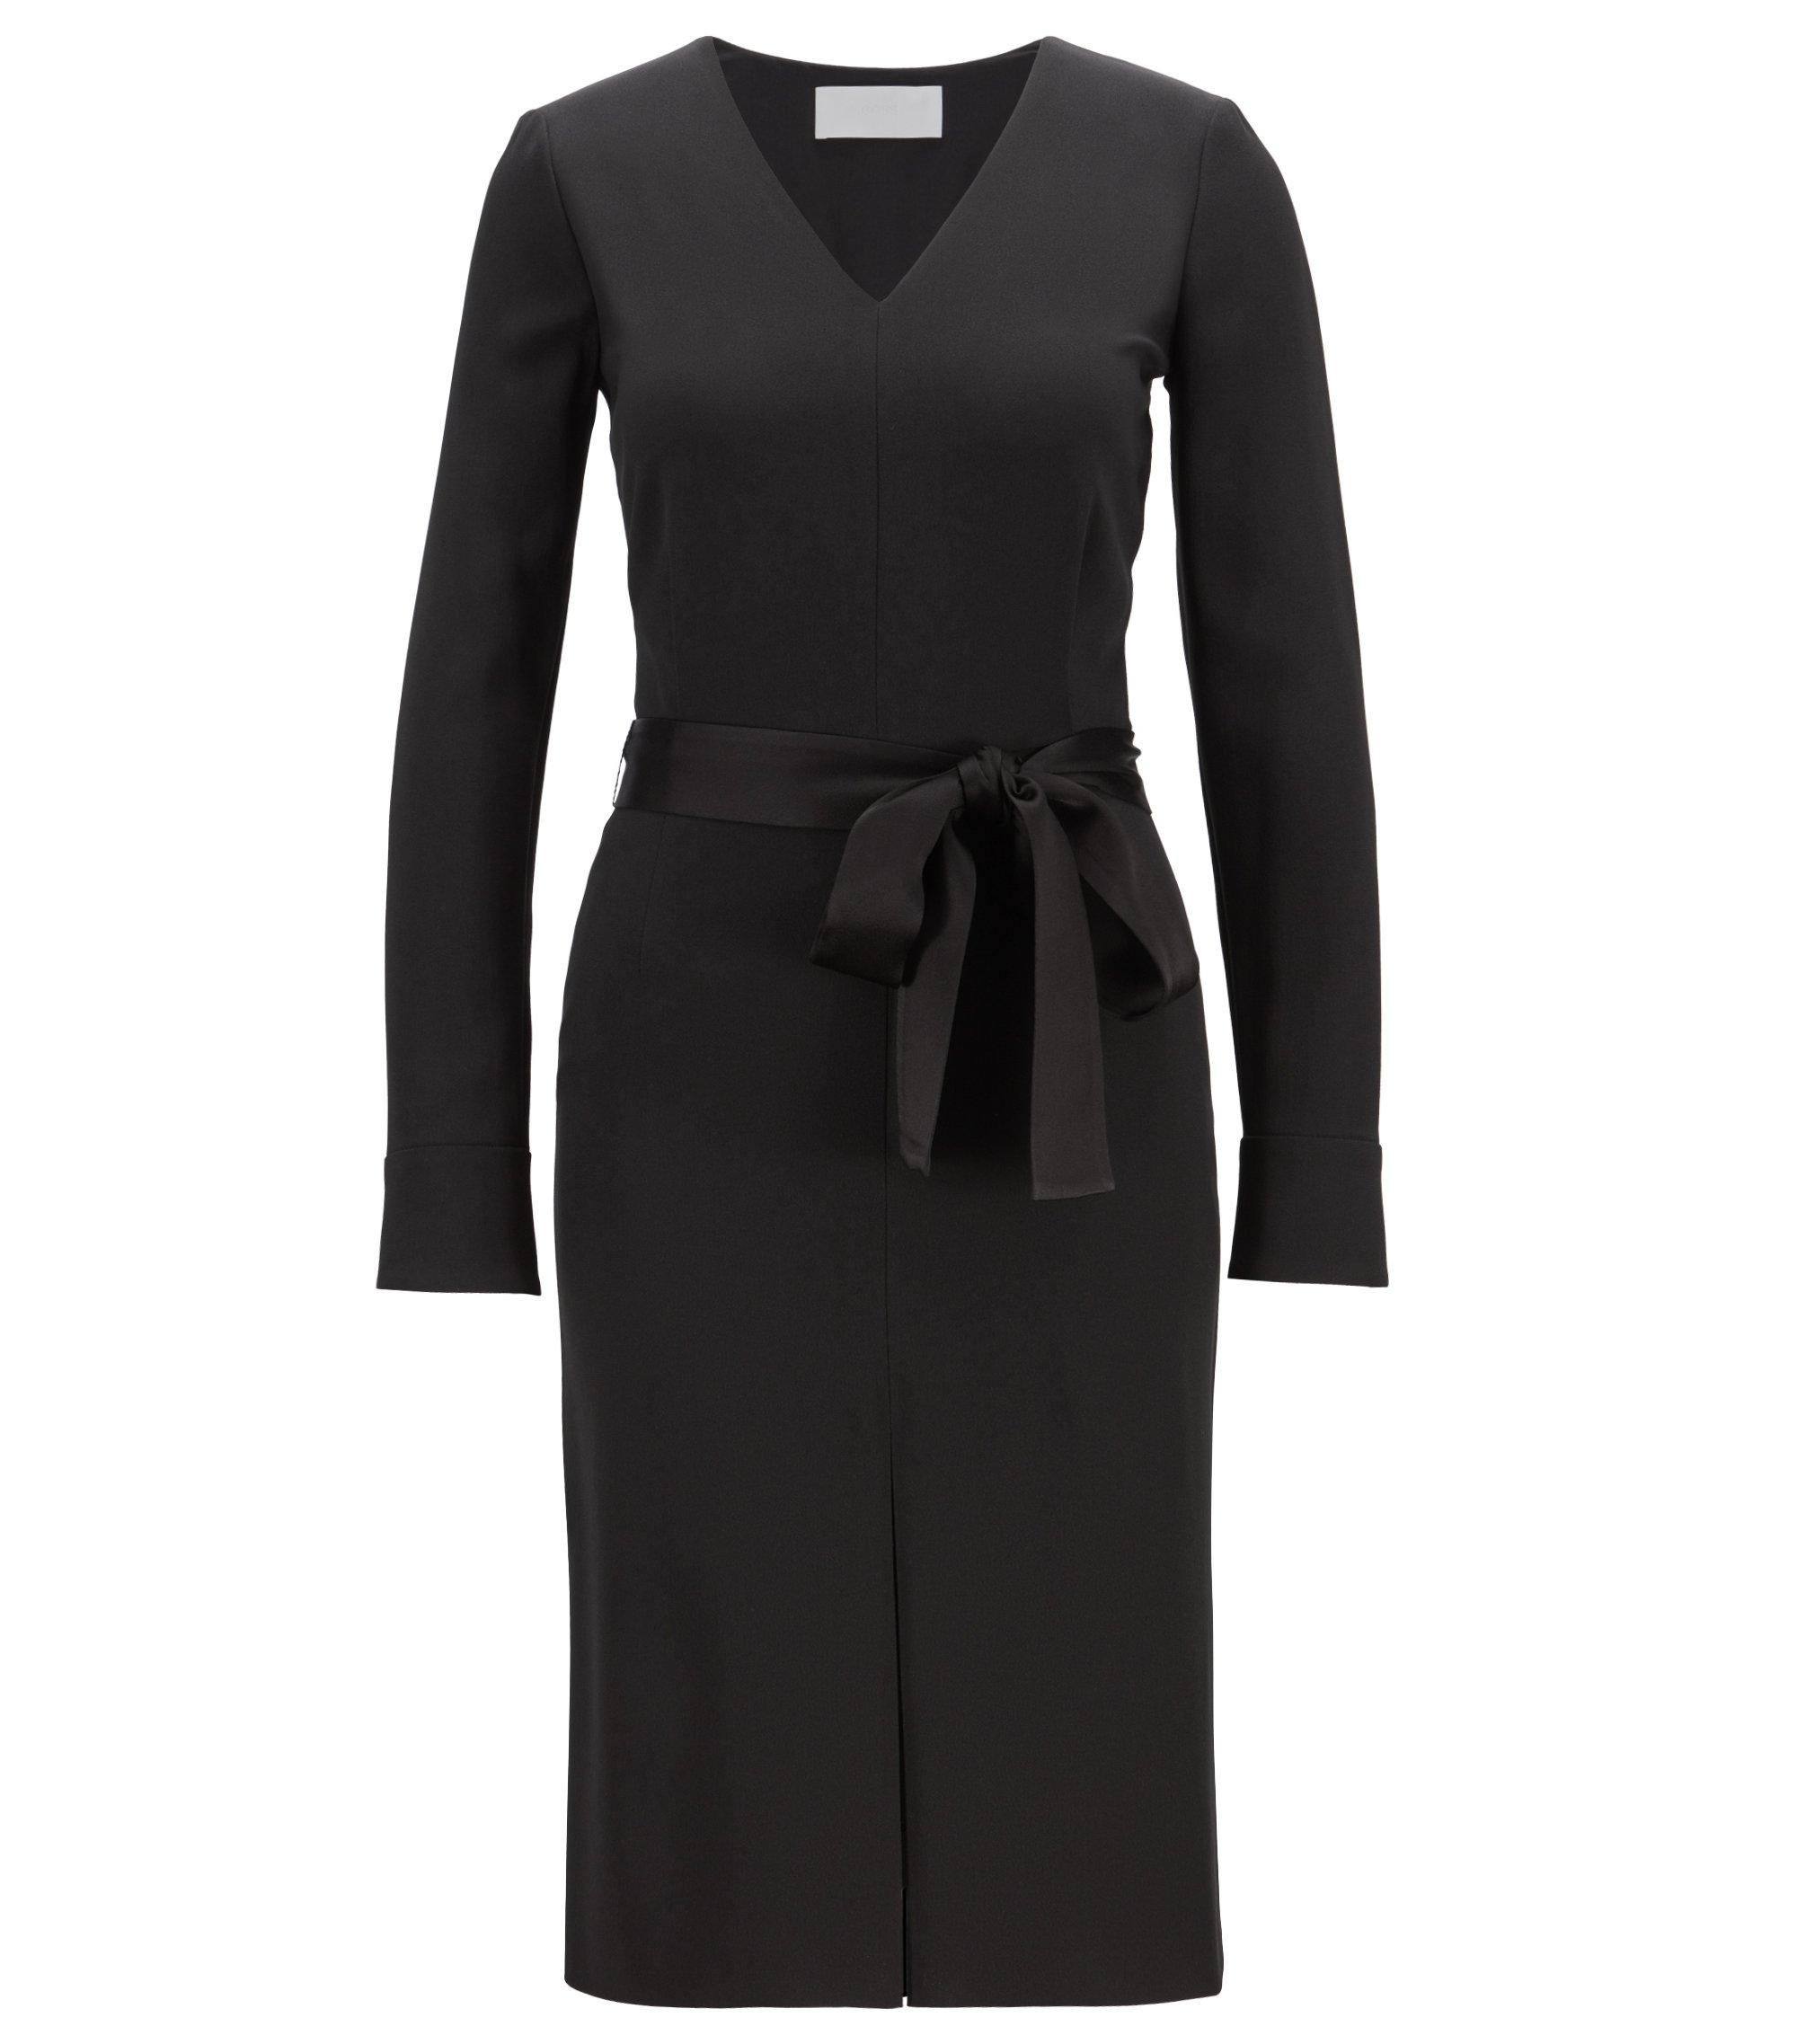 Business-Kleid aus Krepp mit V-Ausschnitt und langen Ärmeln, Schwarz